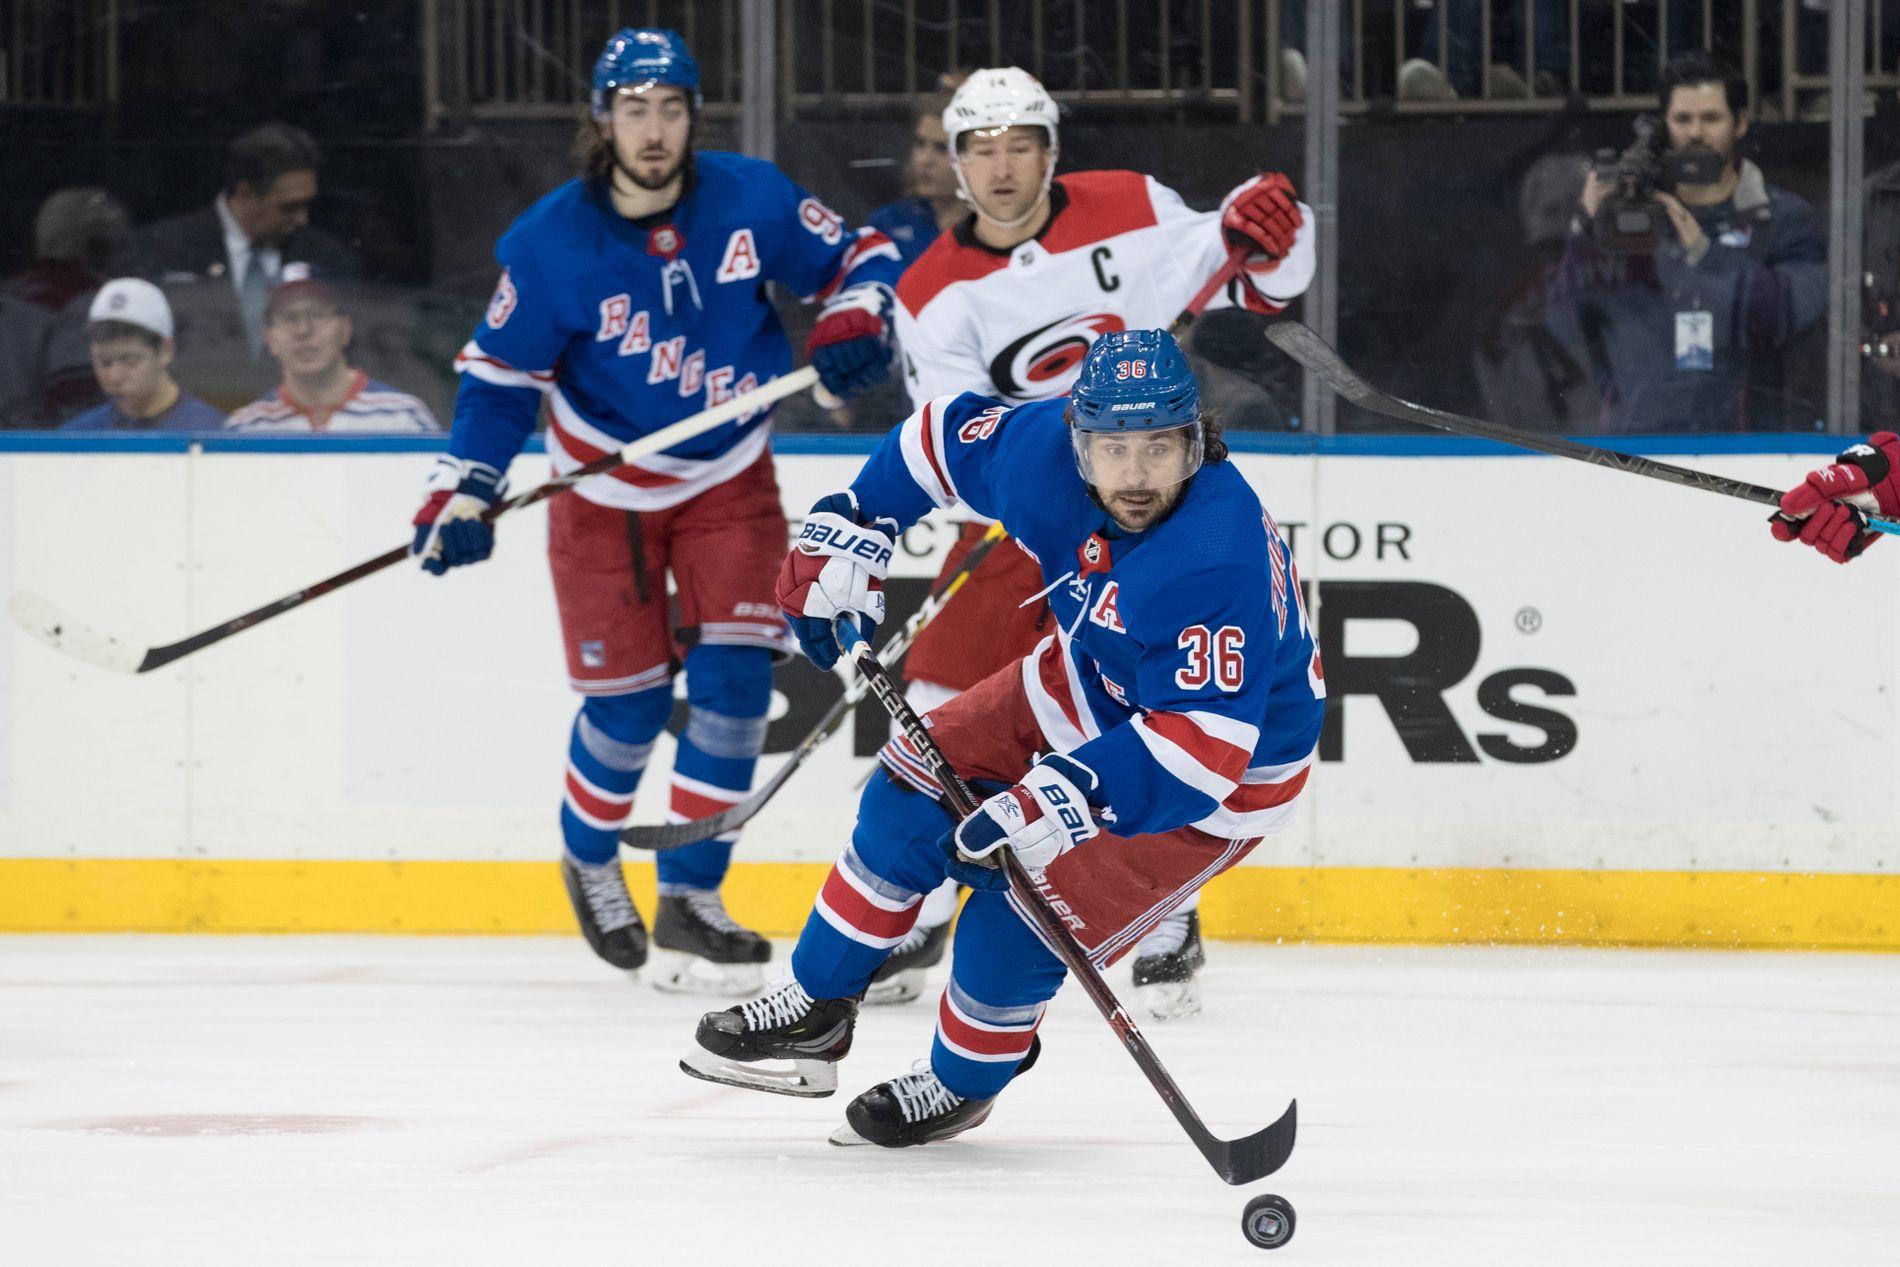 New York Rangers' Mats Zuccarello forsøker å få kontroll på pucken i andre periode av kampen mot Carolina Hurricanes.